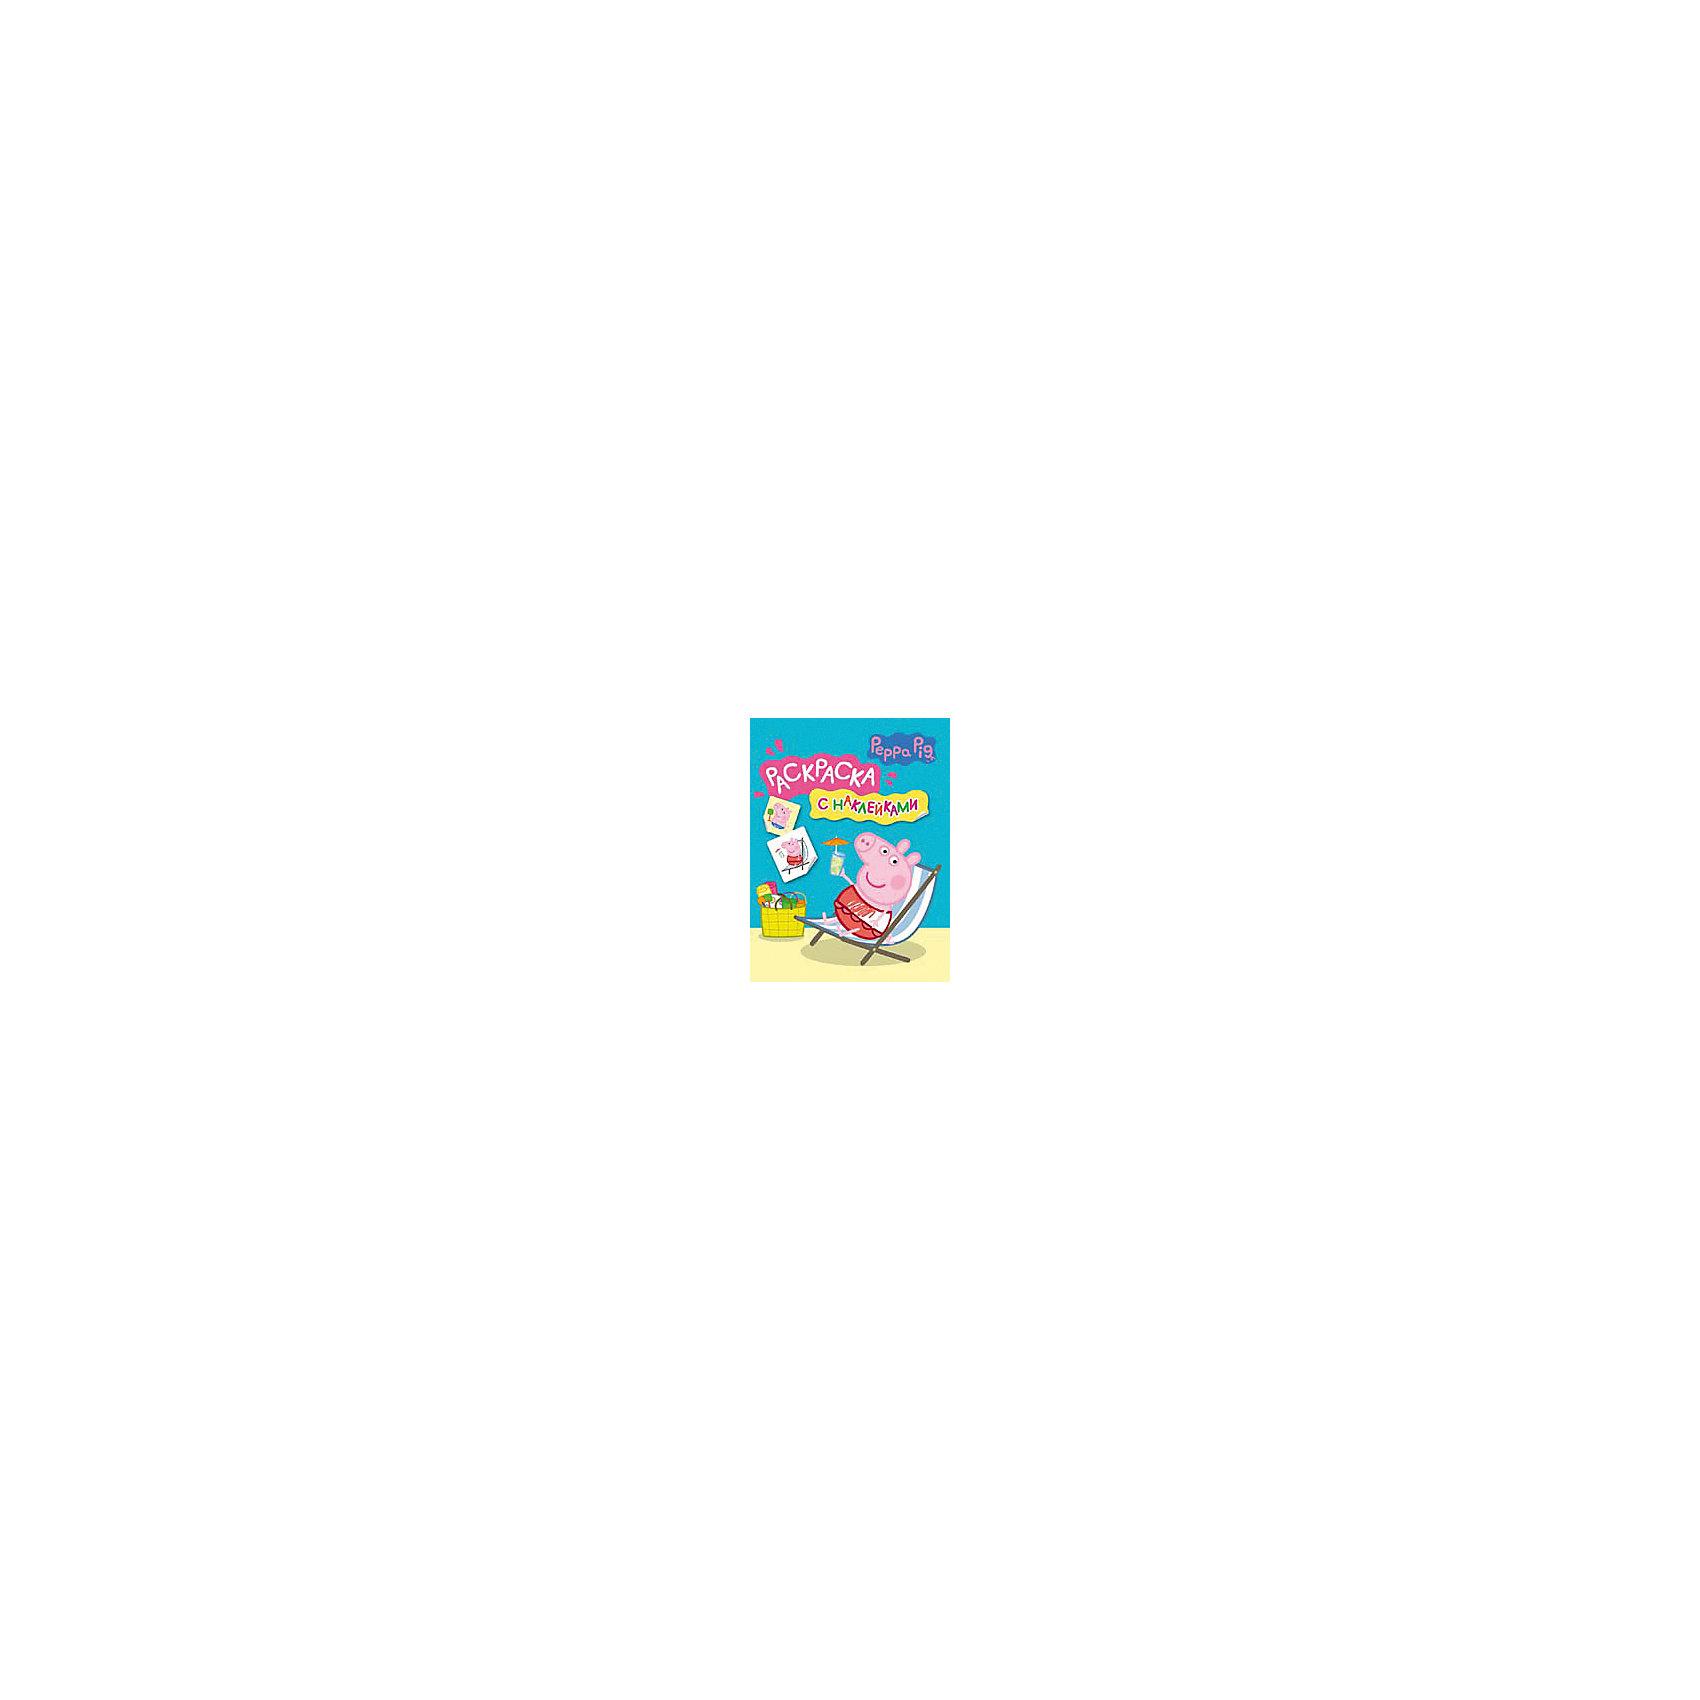 Раскраска Свинка Пеппа с наклейками (синяя)Раскраска с сюжетами из популярного мультфильма про свинку Пеппу и наклейками, которые надо приклеить на соответствующую страницу книжки. Раскрасить картинку можно будет по образцу-наклейке или как нравится. Можешь украсить наклейками тетрадку, дневник, открытку или любой предмет в своей комнате: теперь любимые герои всегда будут рядом с тобой! <br><br>Дополнительная информация:<br><br>- Количество страниц: 8.<br>- Материал: бумага, картон.<br>- Размер: 27х21 см.<br><br>Раскраску Свинка Пеппа (Peppa Pig),  с наклейками (синюю) можно купить в нашем магазине.<br><br>Ширина мм: 273<br>Глубина мм: 210<br>Высота мм: 2<br>Вес г: 55<br>Возраст от месяцев: 24<br>Возраст до месяцев: 72<br>Пол: Унисекс<br>Возраст: Детский<br>SKU: 4314856